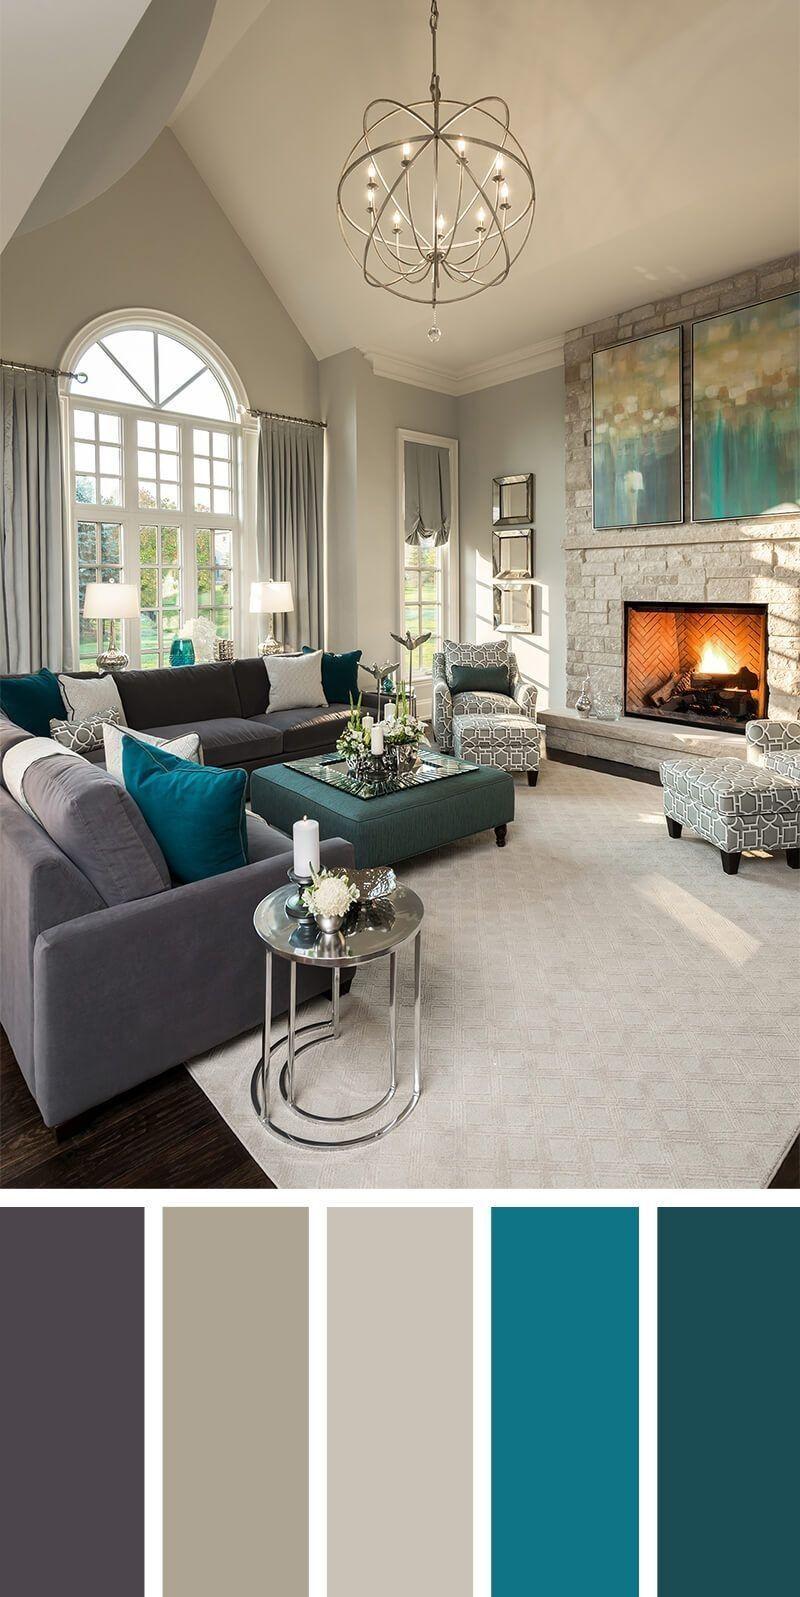 Colour Contemporary Design Elegant Inspirational Living Livingroomcoloursc Transitional Living Room Design Trendy Living Rooms Living Room Color Schemes Inspirational living room colors